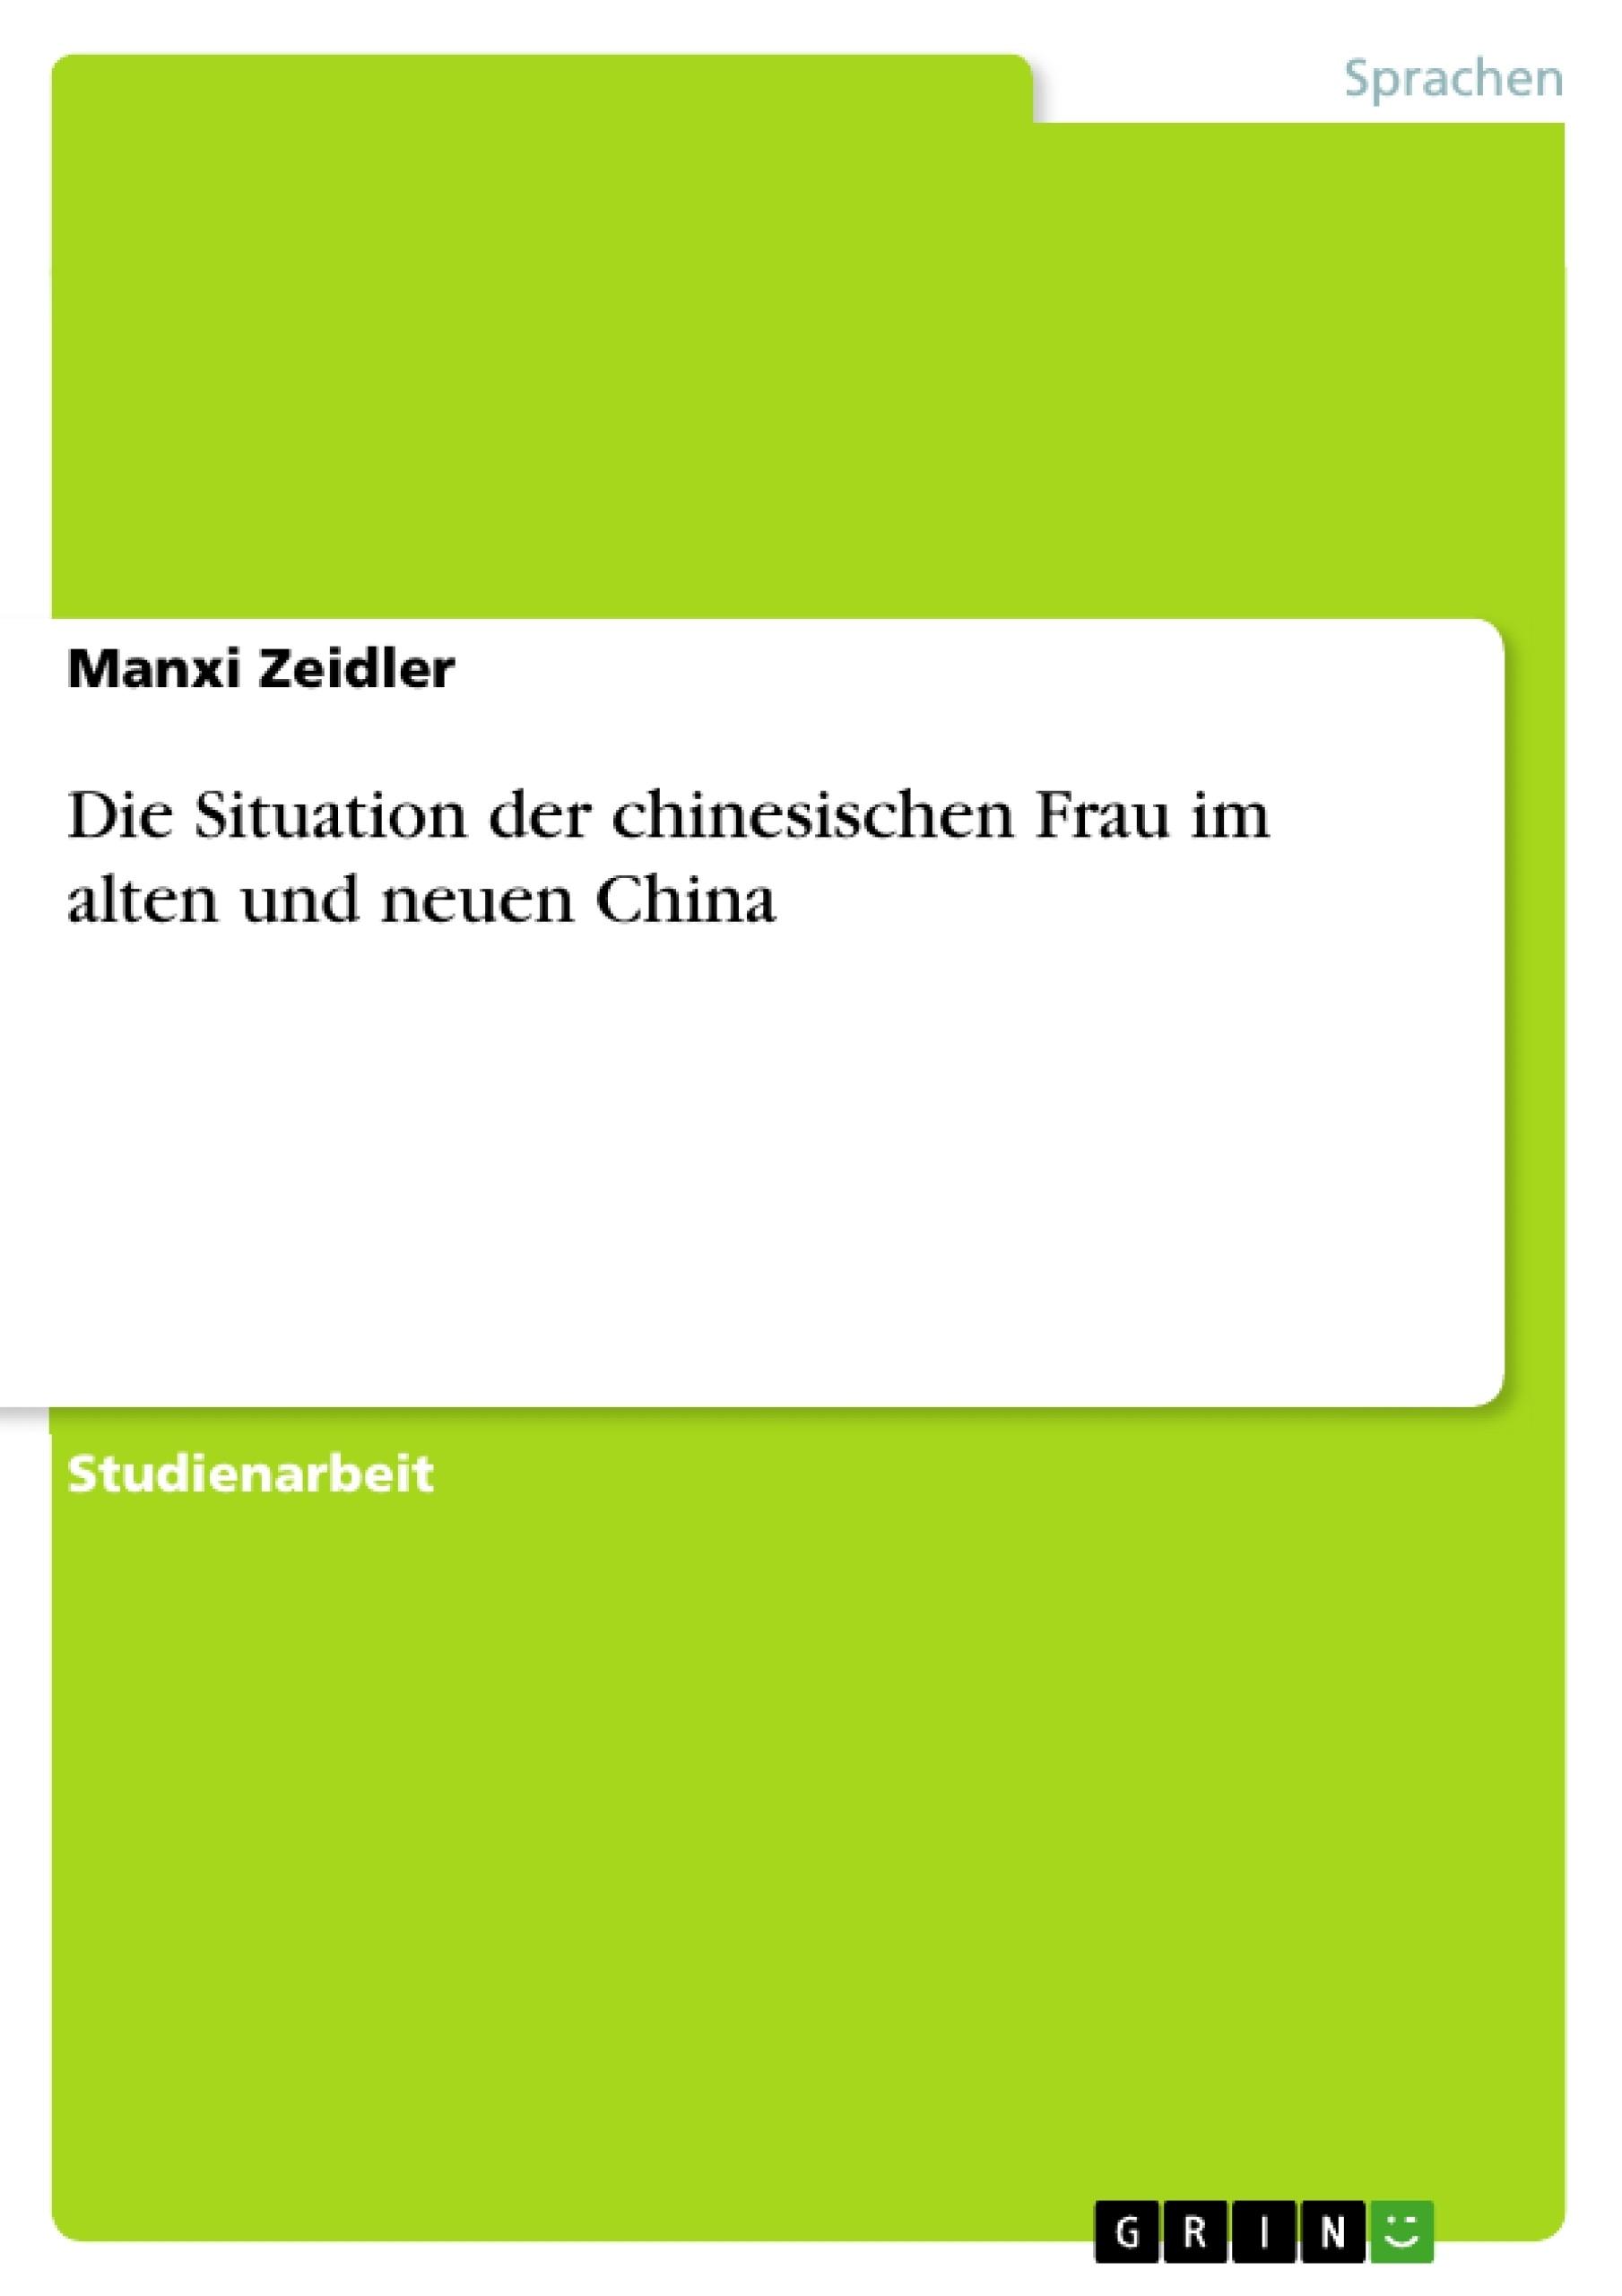 Titel: Die Situation der chinesischen Frau im alten und neuen China